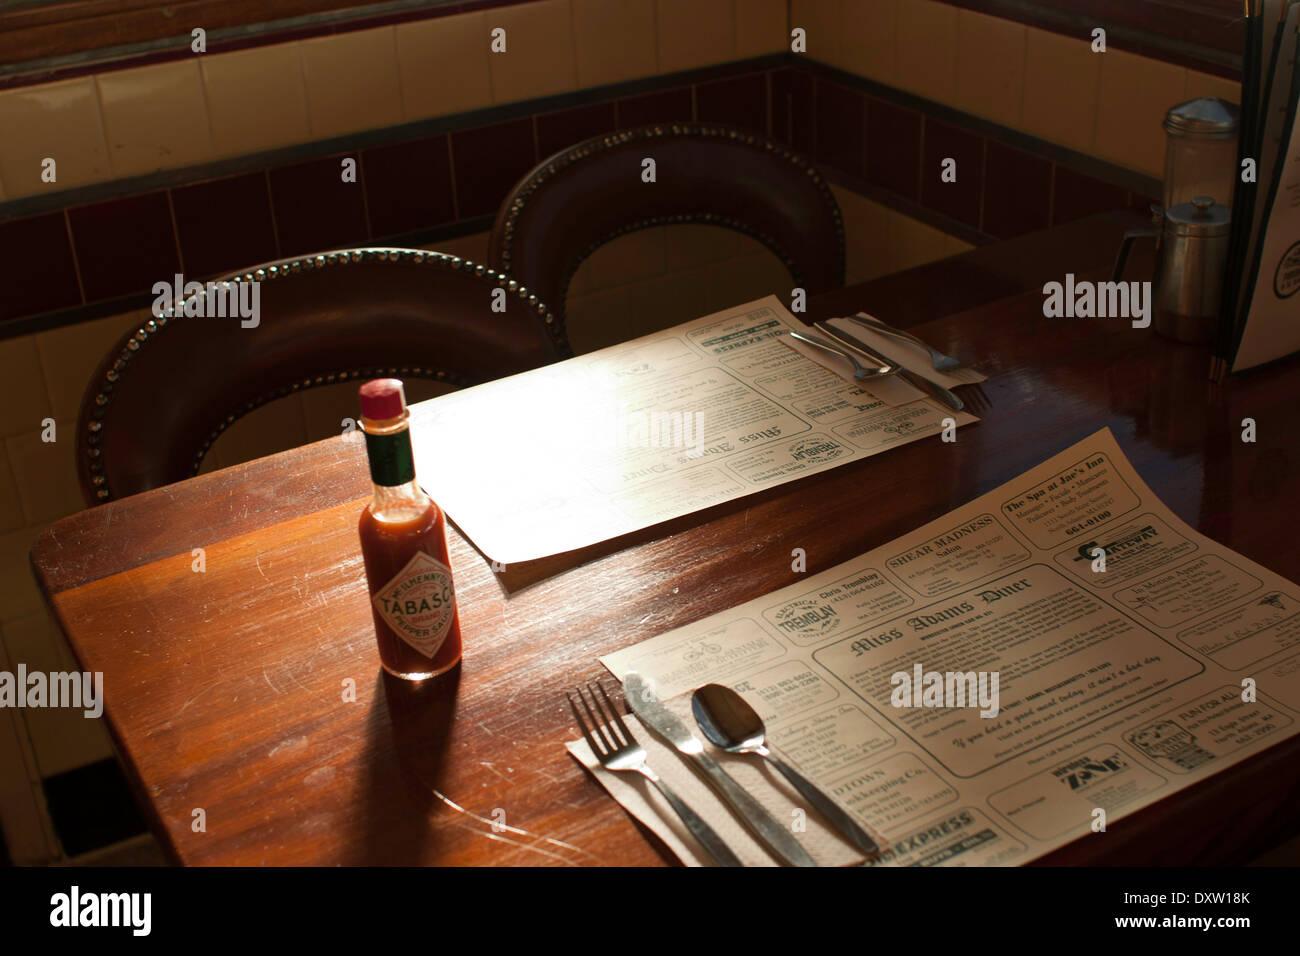 Diner condimentos sentarse en la mesa en una pequeña ciudad diner. Colocar esteras publicidad de empresas locales. Imagen De Stock